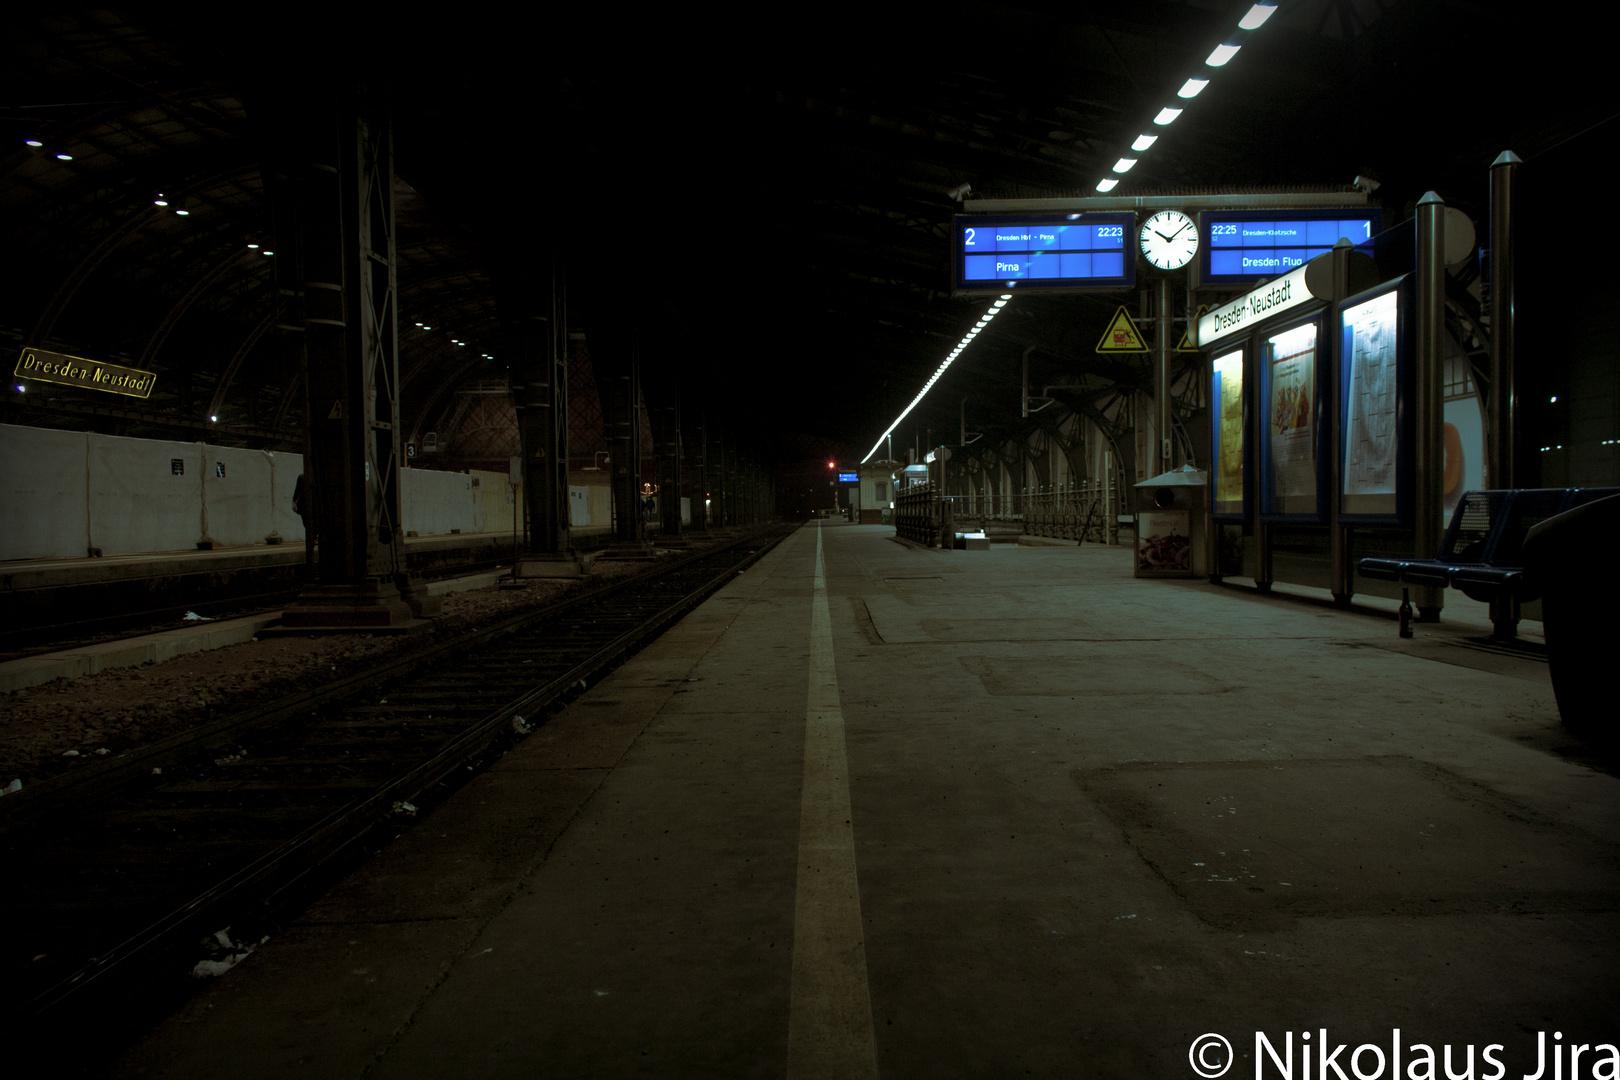 Dresden Neustadt Bahnhof